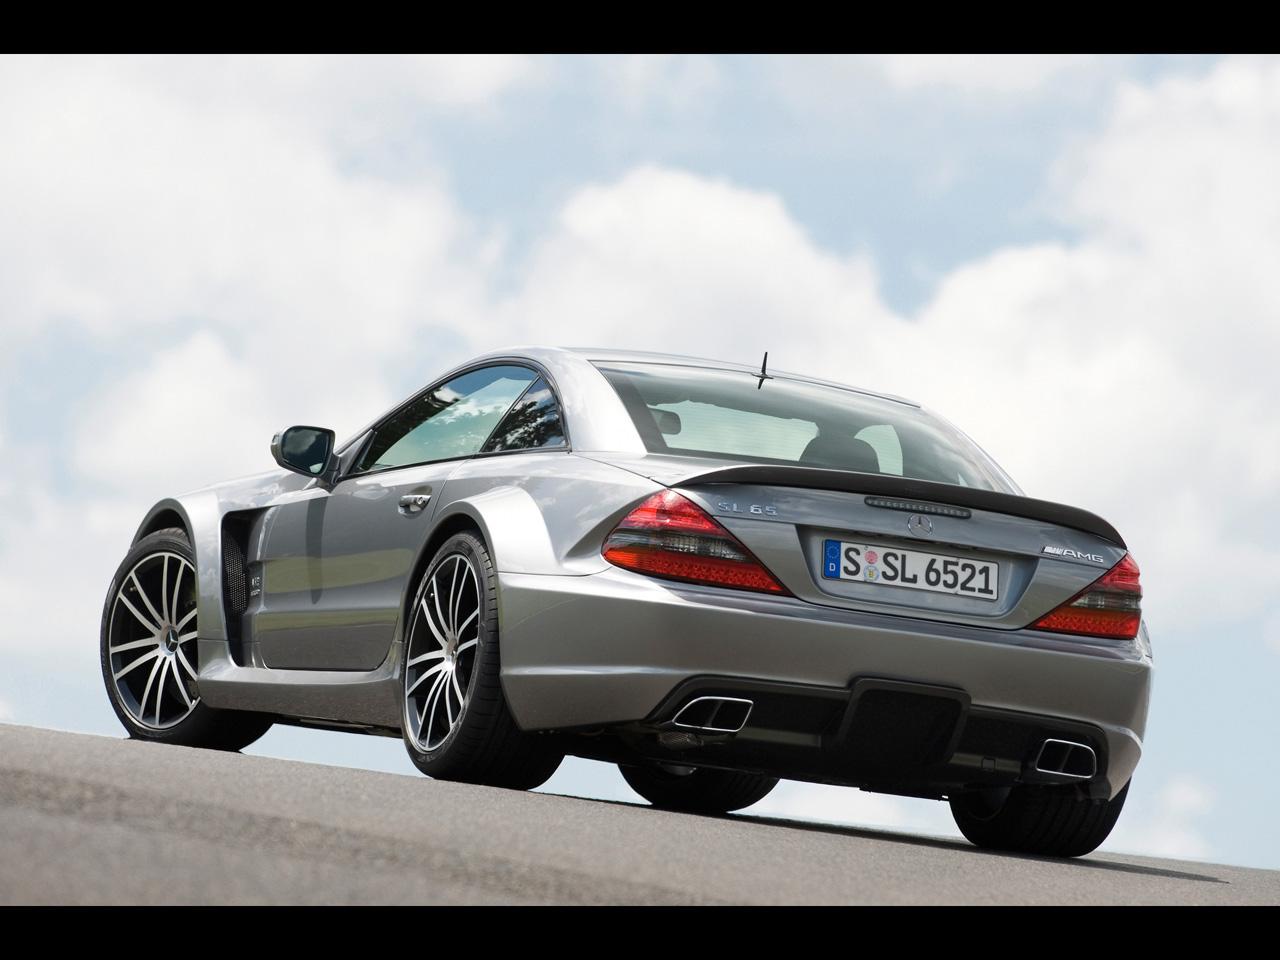 http://2.bp.blogspot.com/_0LXwB2xJfZg/TPt-R0xa65I/AAAAAAAABAc/DSXTh8A0iwM/s1600/2009-Mercedes-Benz-SL-65-AMG-Black-Series-Rear-Angle-1280x960.jpg